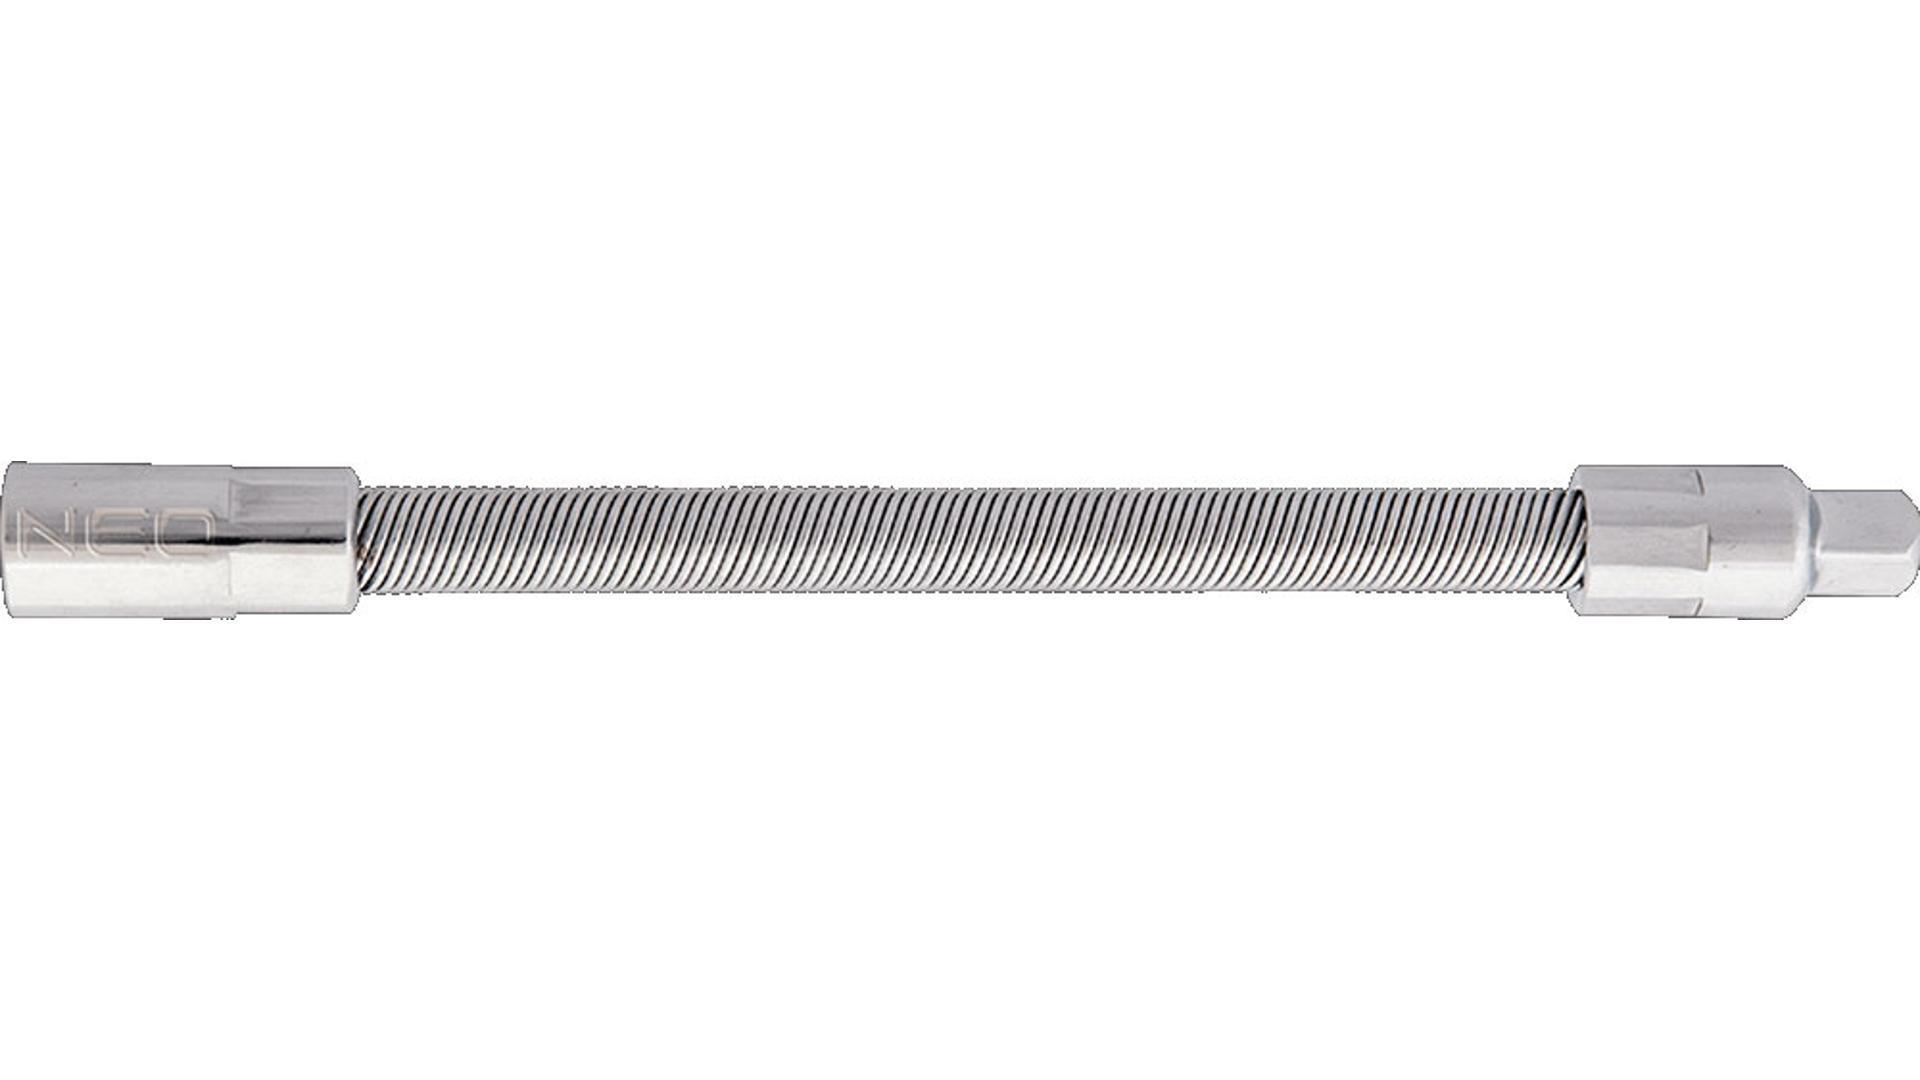 NEO Flexibilné predĺženie 1/4, 140 mm